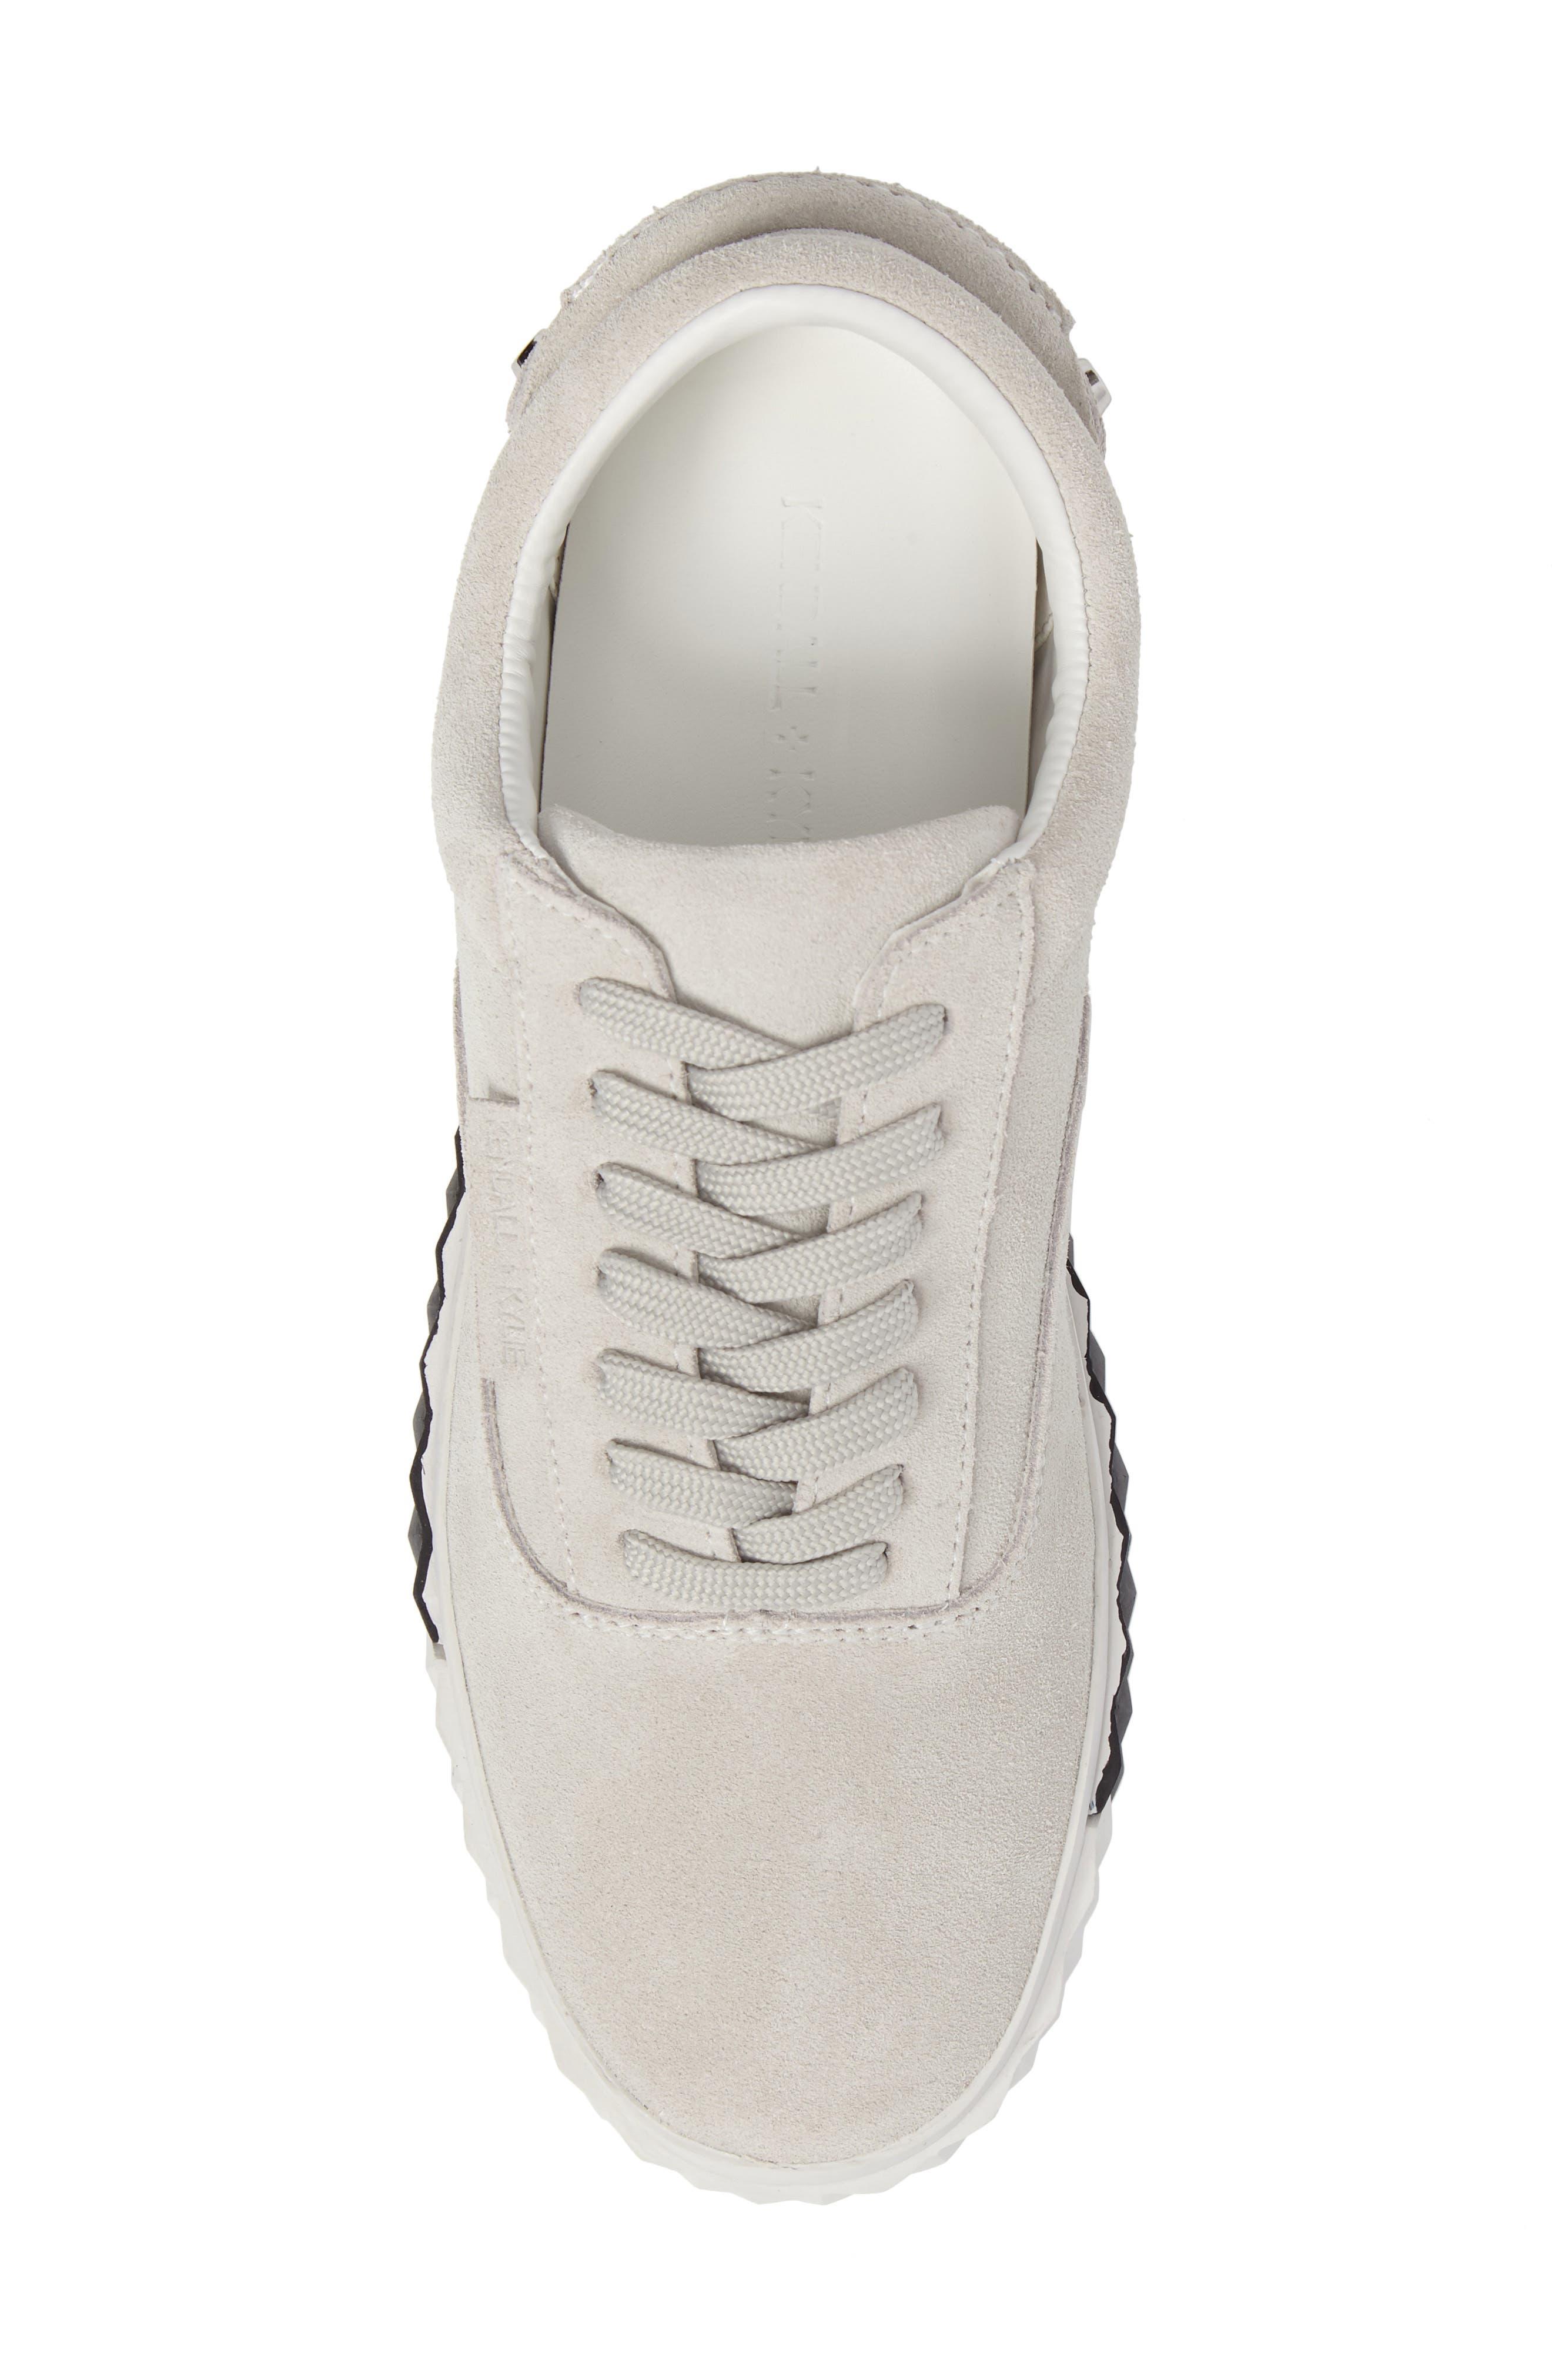 Reign Platform Sneaker,                             Alternate thumbnail 5, color,                             White